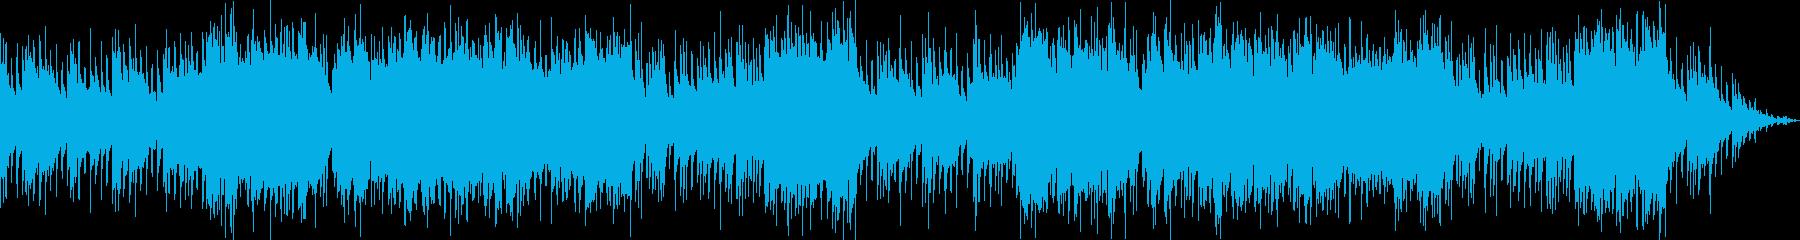 和風な笛と琴の怪しい曲の再生済みの波形